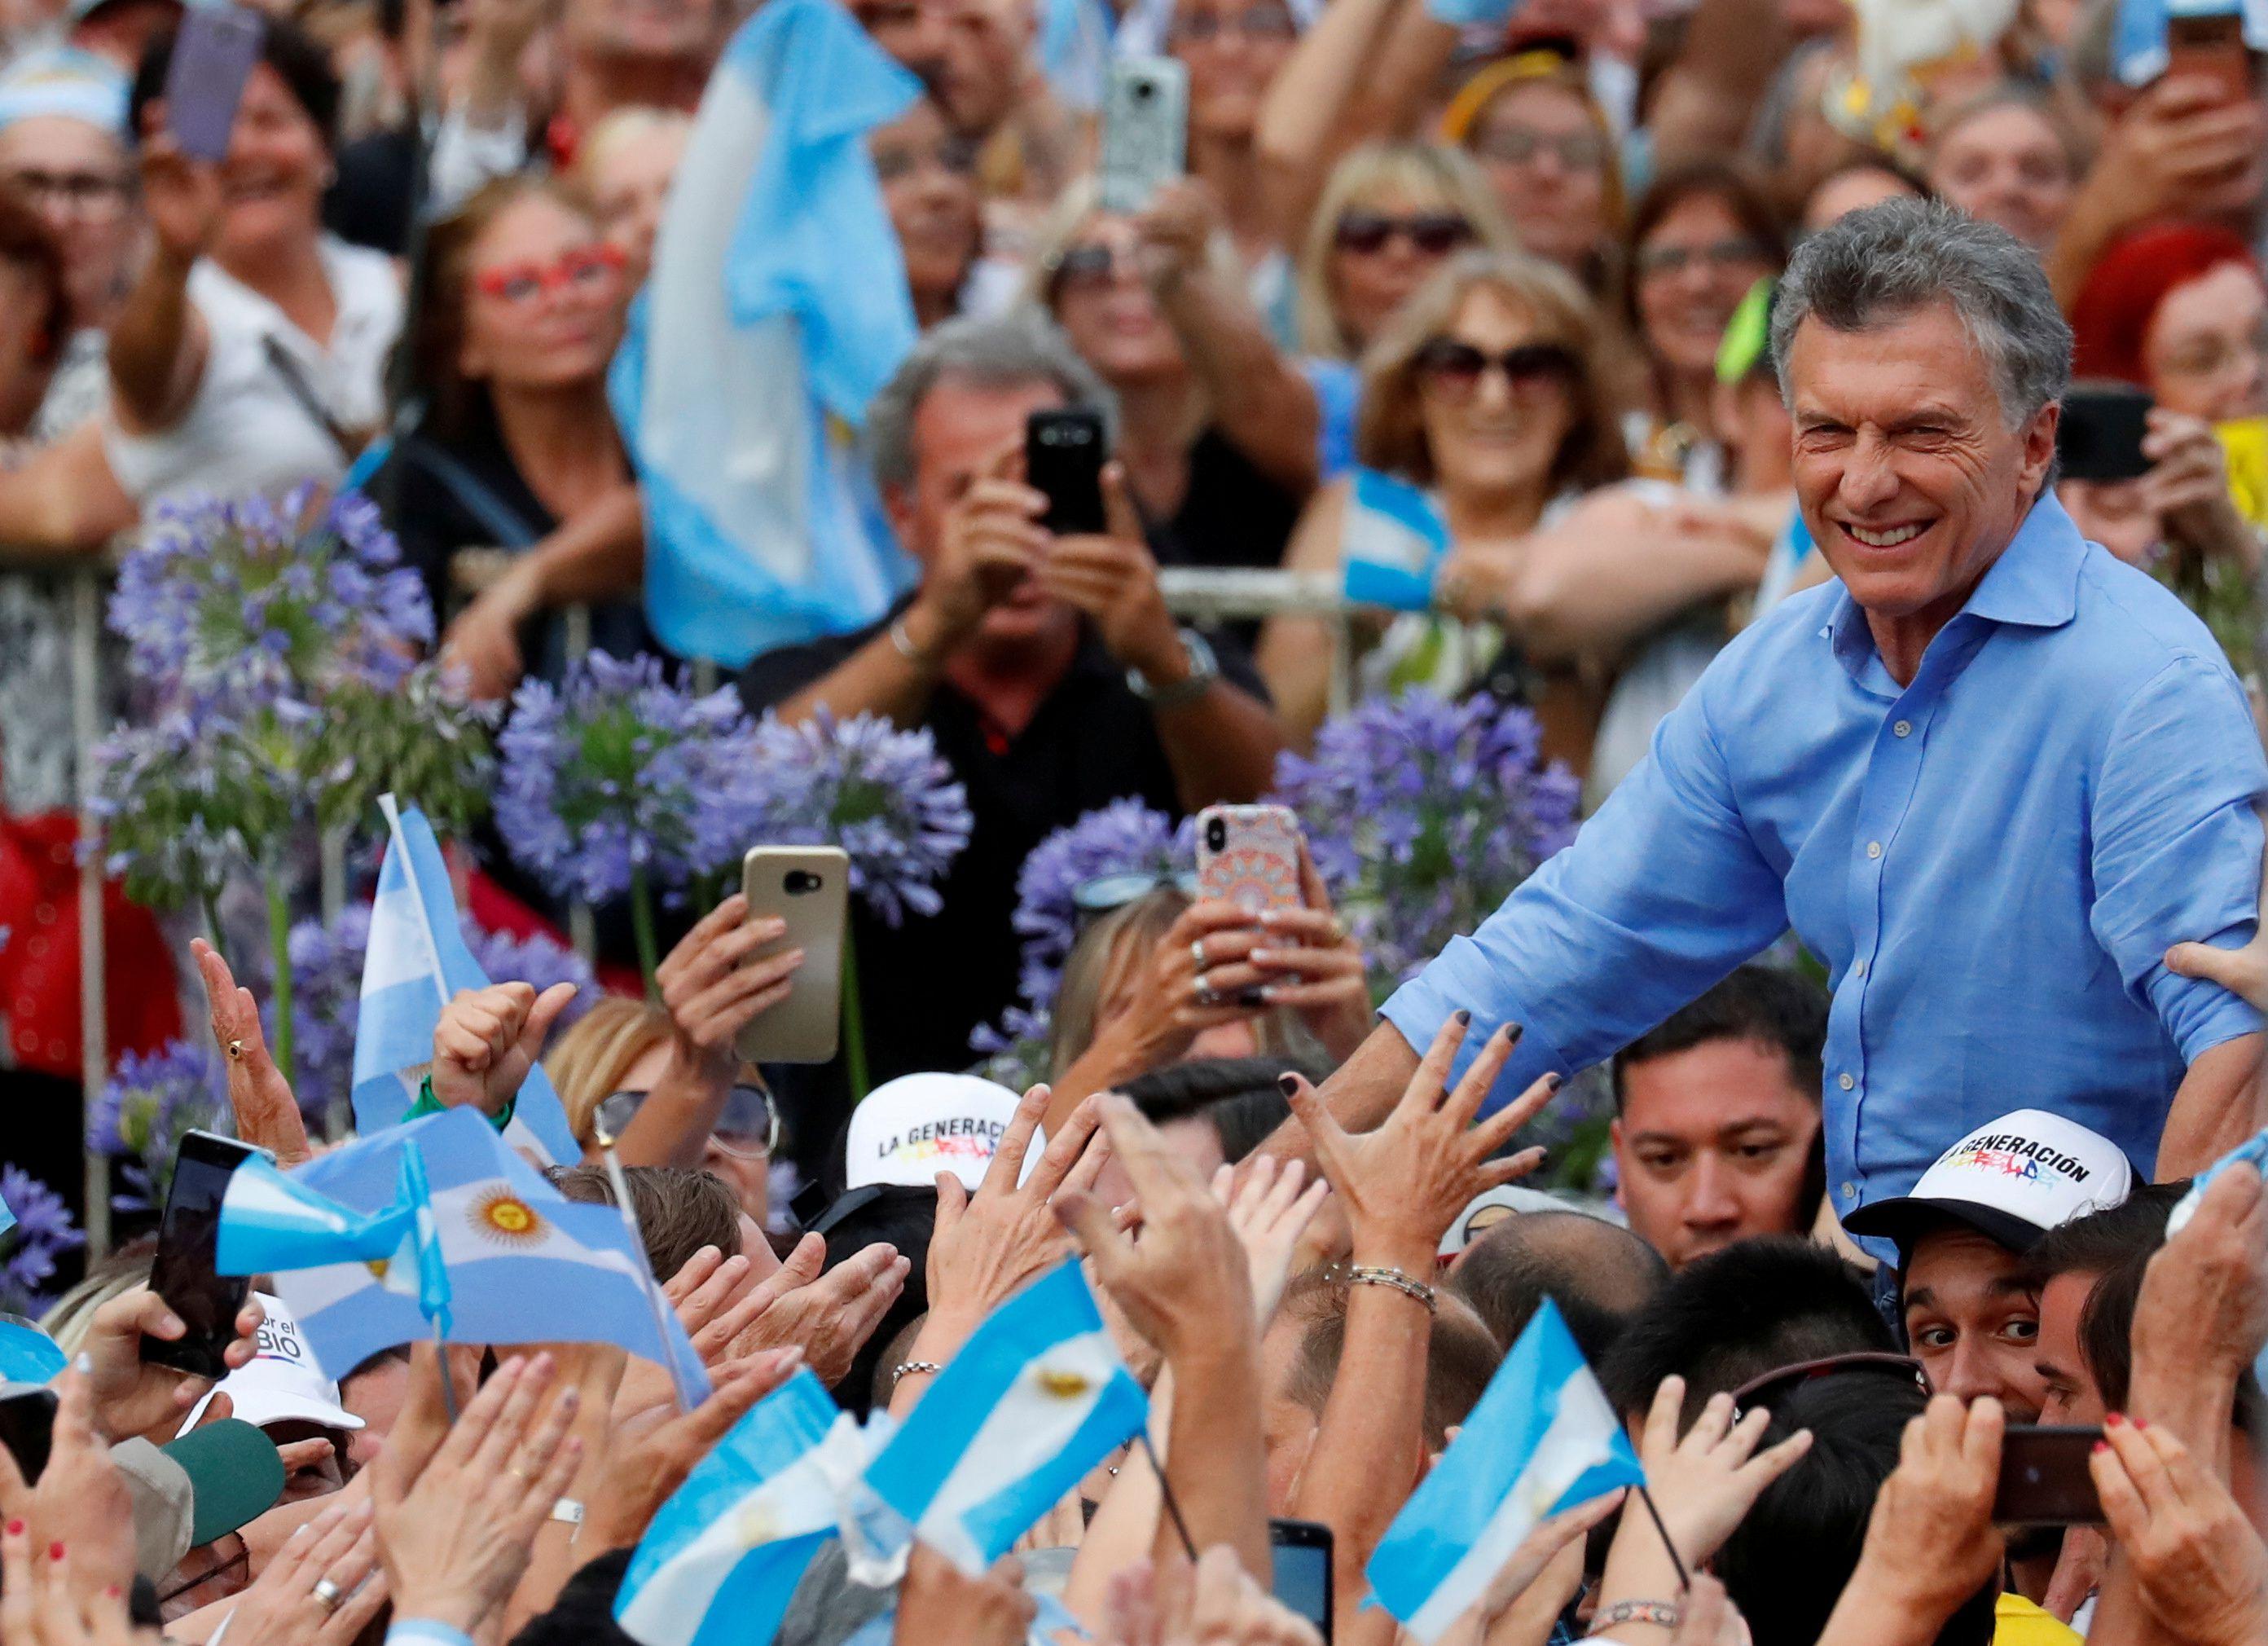 El presidente Mauricio Macri en sus últimos días al frente de la Casa Rosada (REUTERS/Agustin Marcarian)